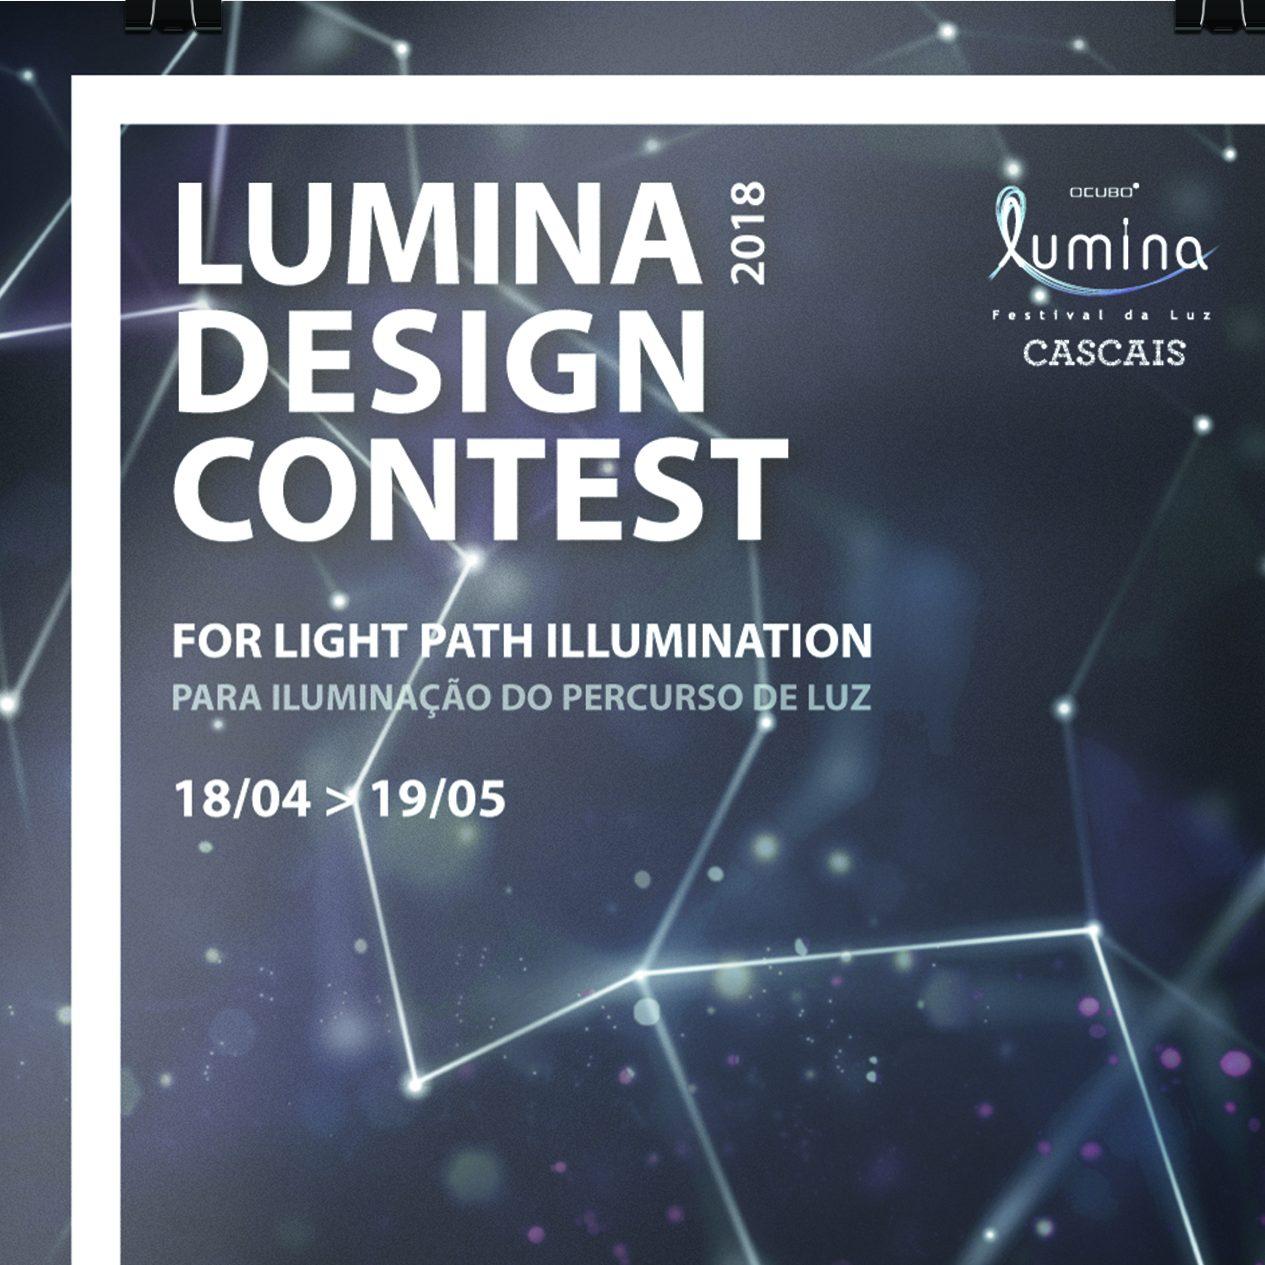 Lumina Design Contest 2018